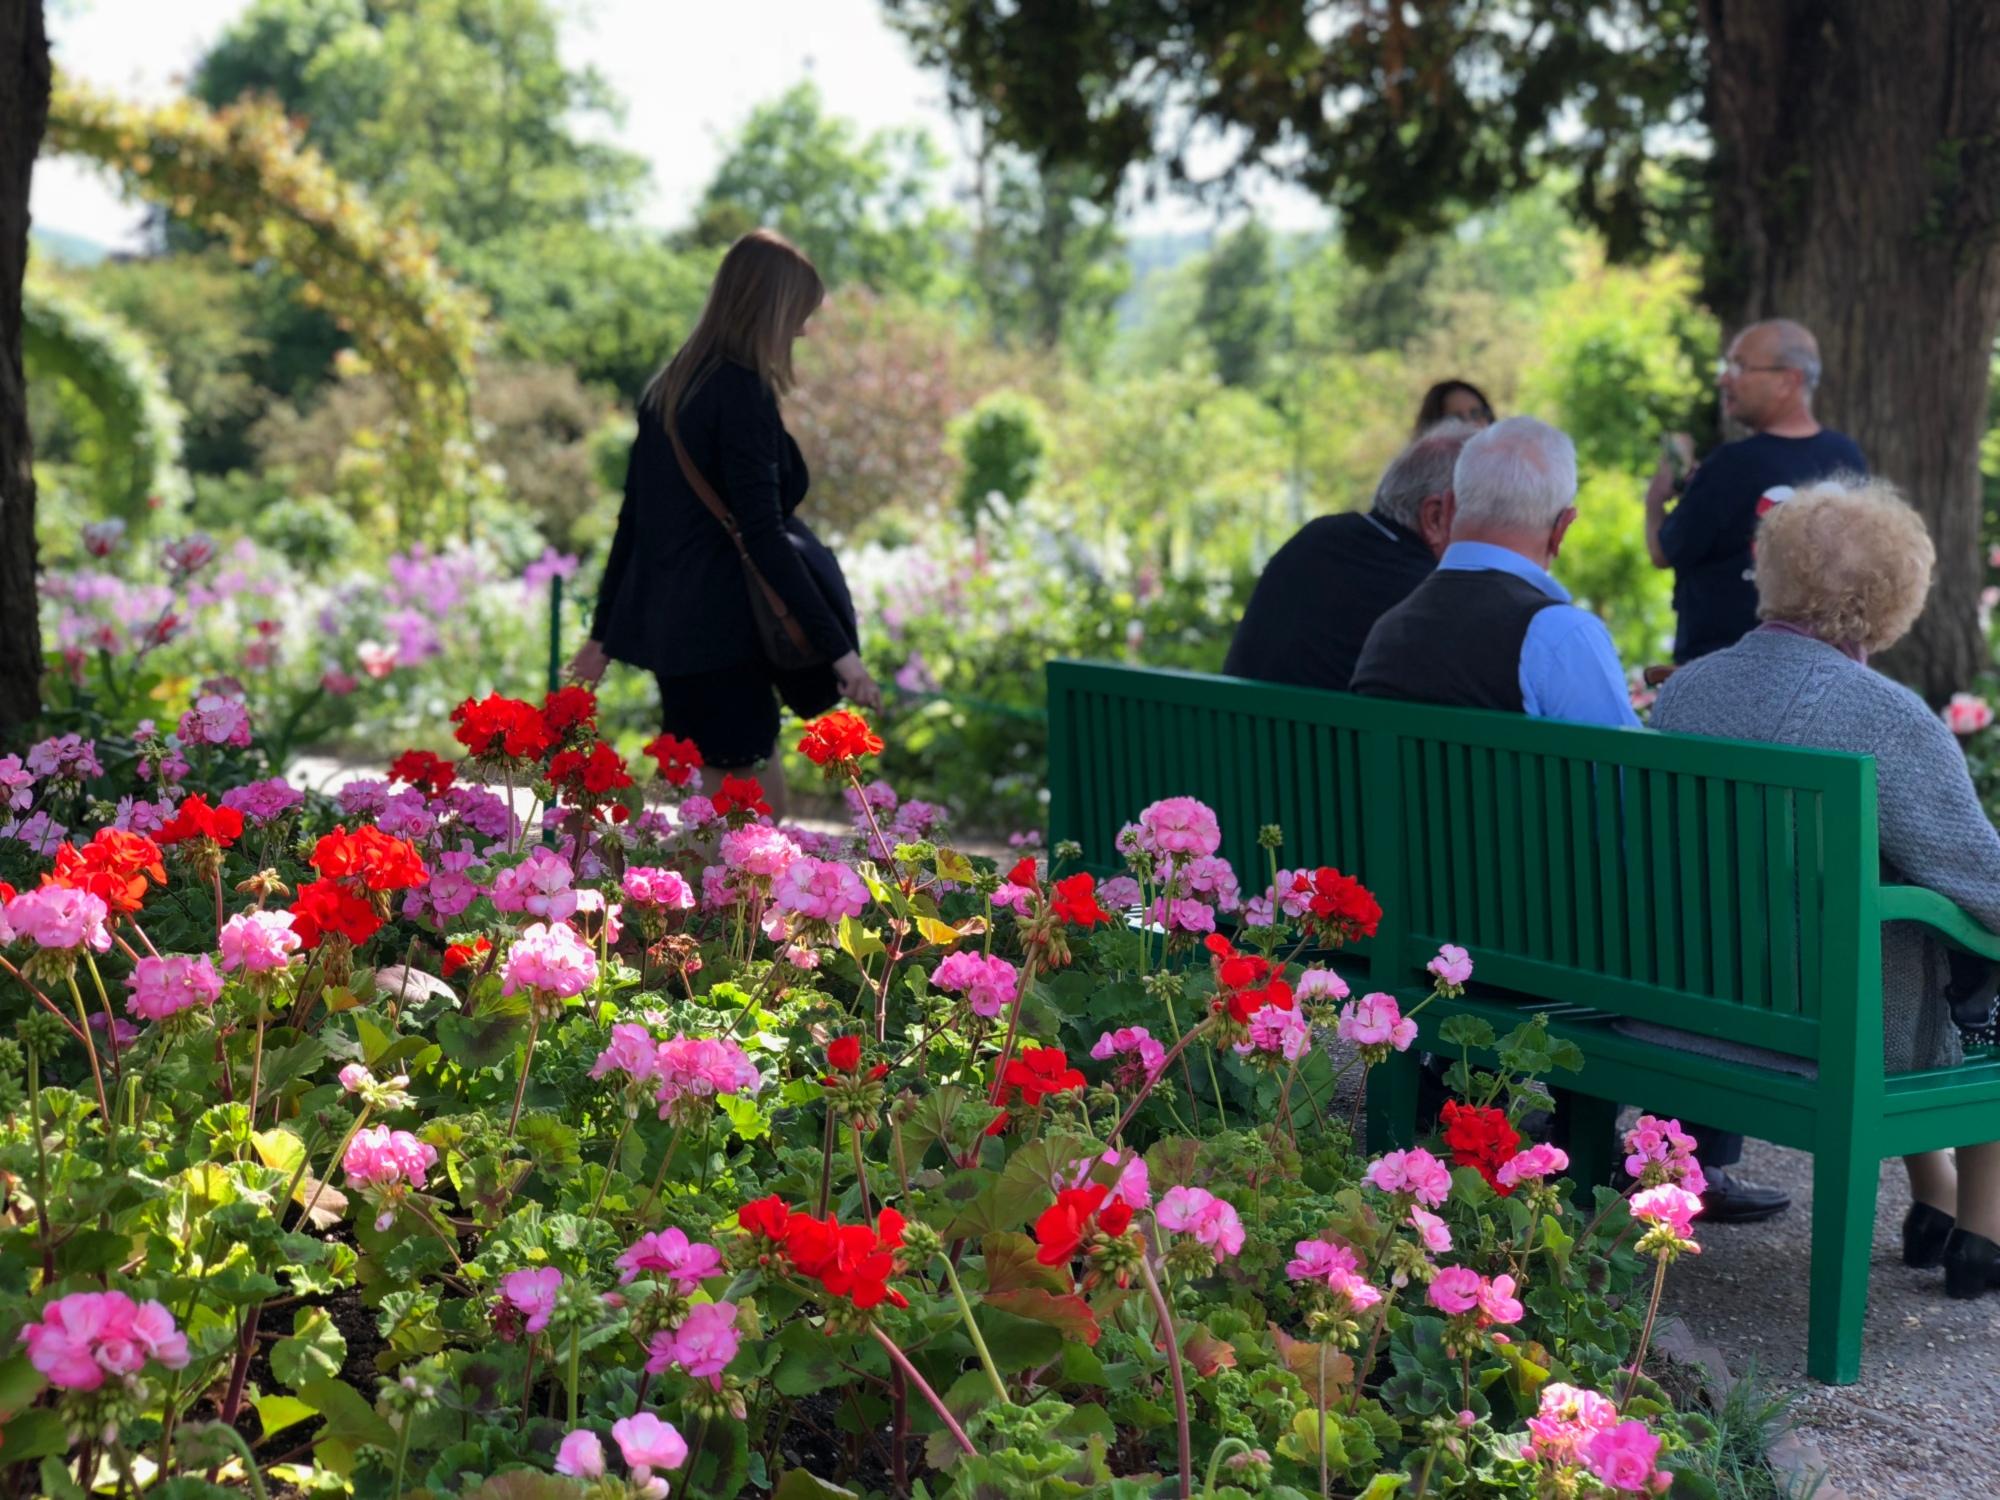 Gardens-Claude-Monet-Impressionism-Normandy-Normandie-France-Giverny-giftofparis.com